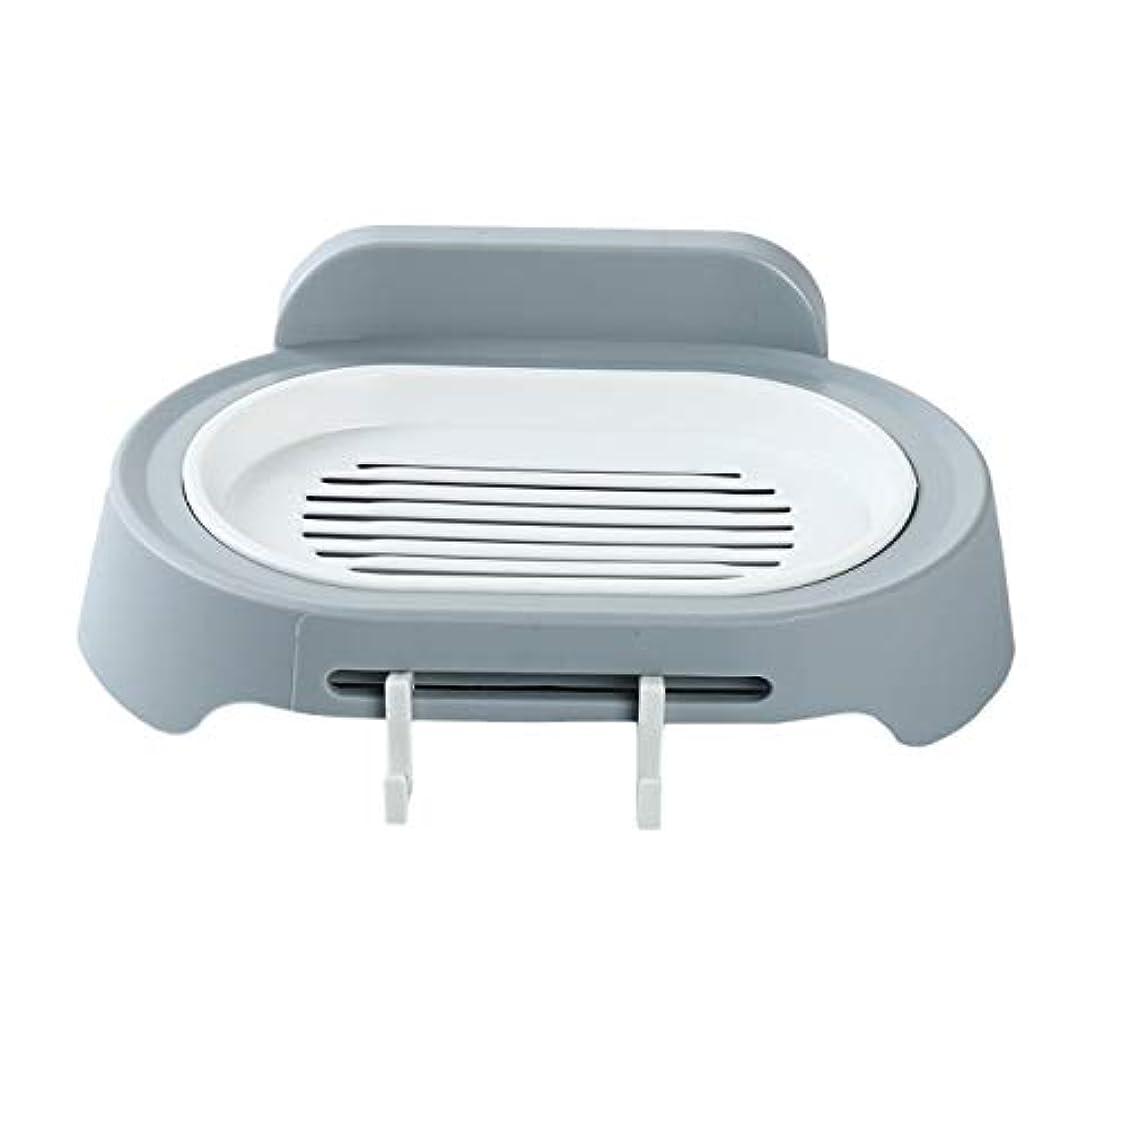 アクチュエータ官僚過剰ZALING 灰色のホックが付いているの浴室の石鹸の貯蔵の吸引の壁に取り付けられた石鹸のオルガナイザー